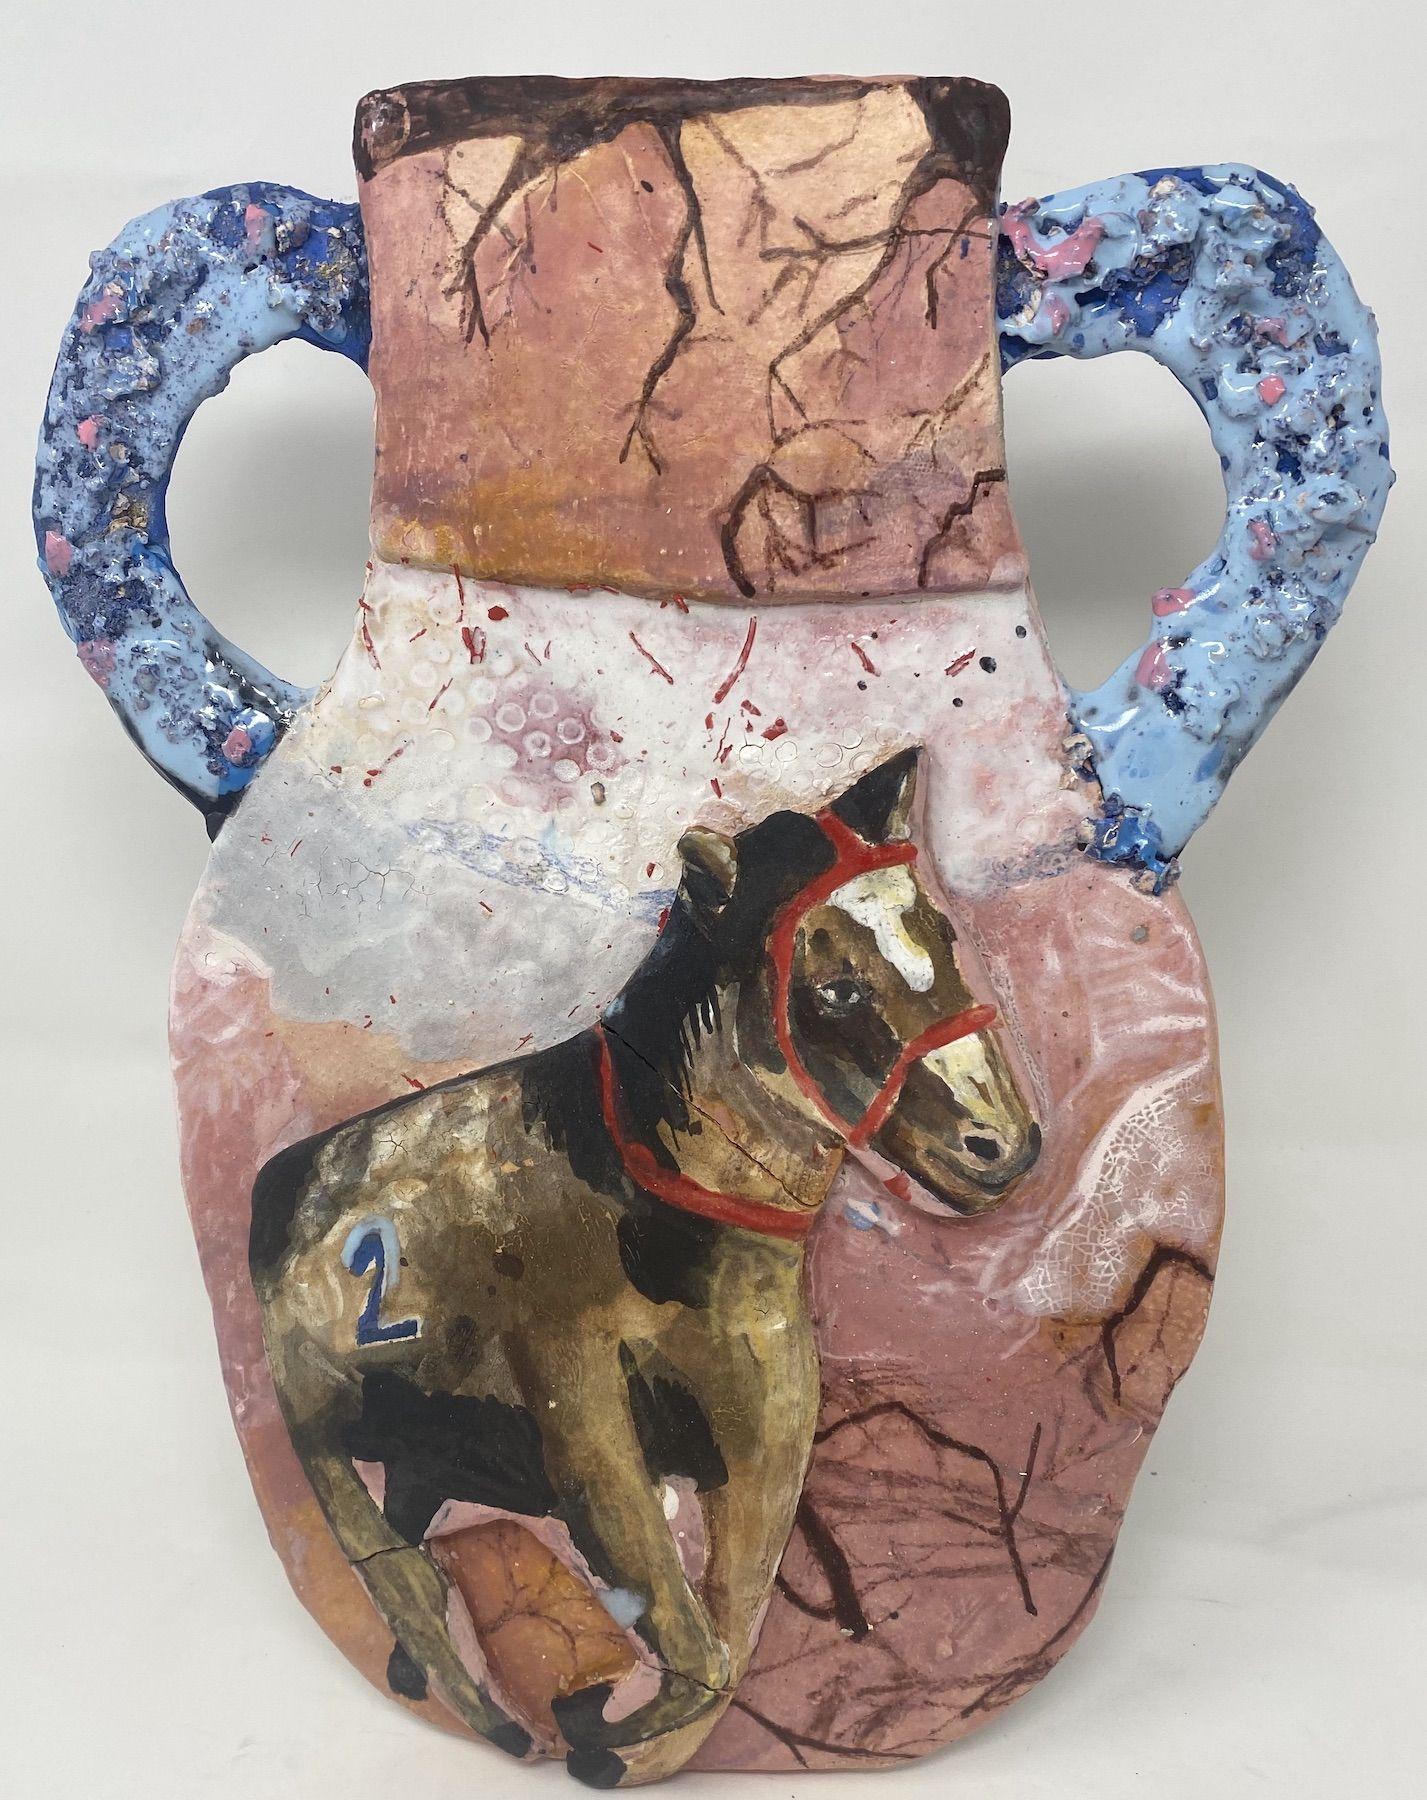 JENNY DAY, Horse, 2021